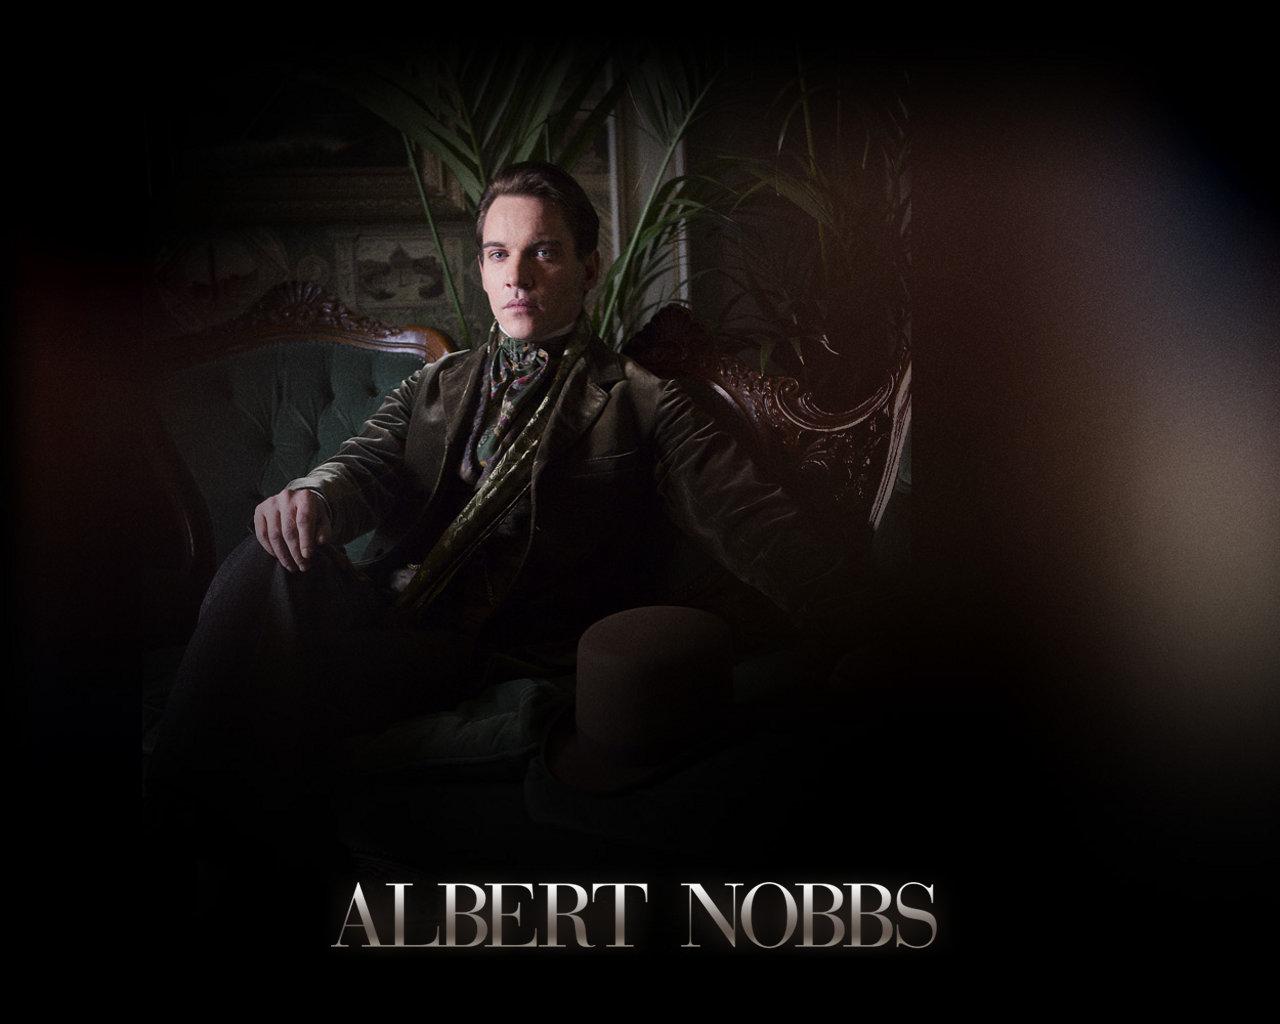 http://3.bp.blogspot.com/-jWgQXBgjokc/Tygs6d8vQrI/AAAAAAAAEsA/D_m5ioD3B70/s1600/Albert-Nobbs-Wallpaper-05.jpg